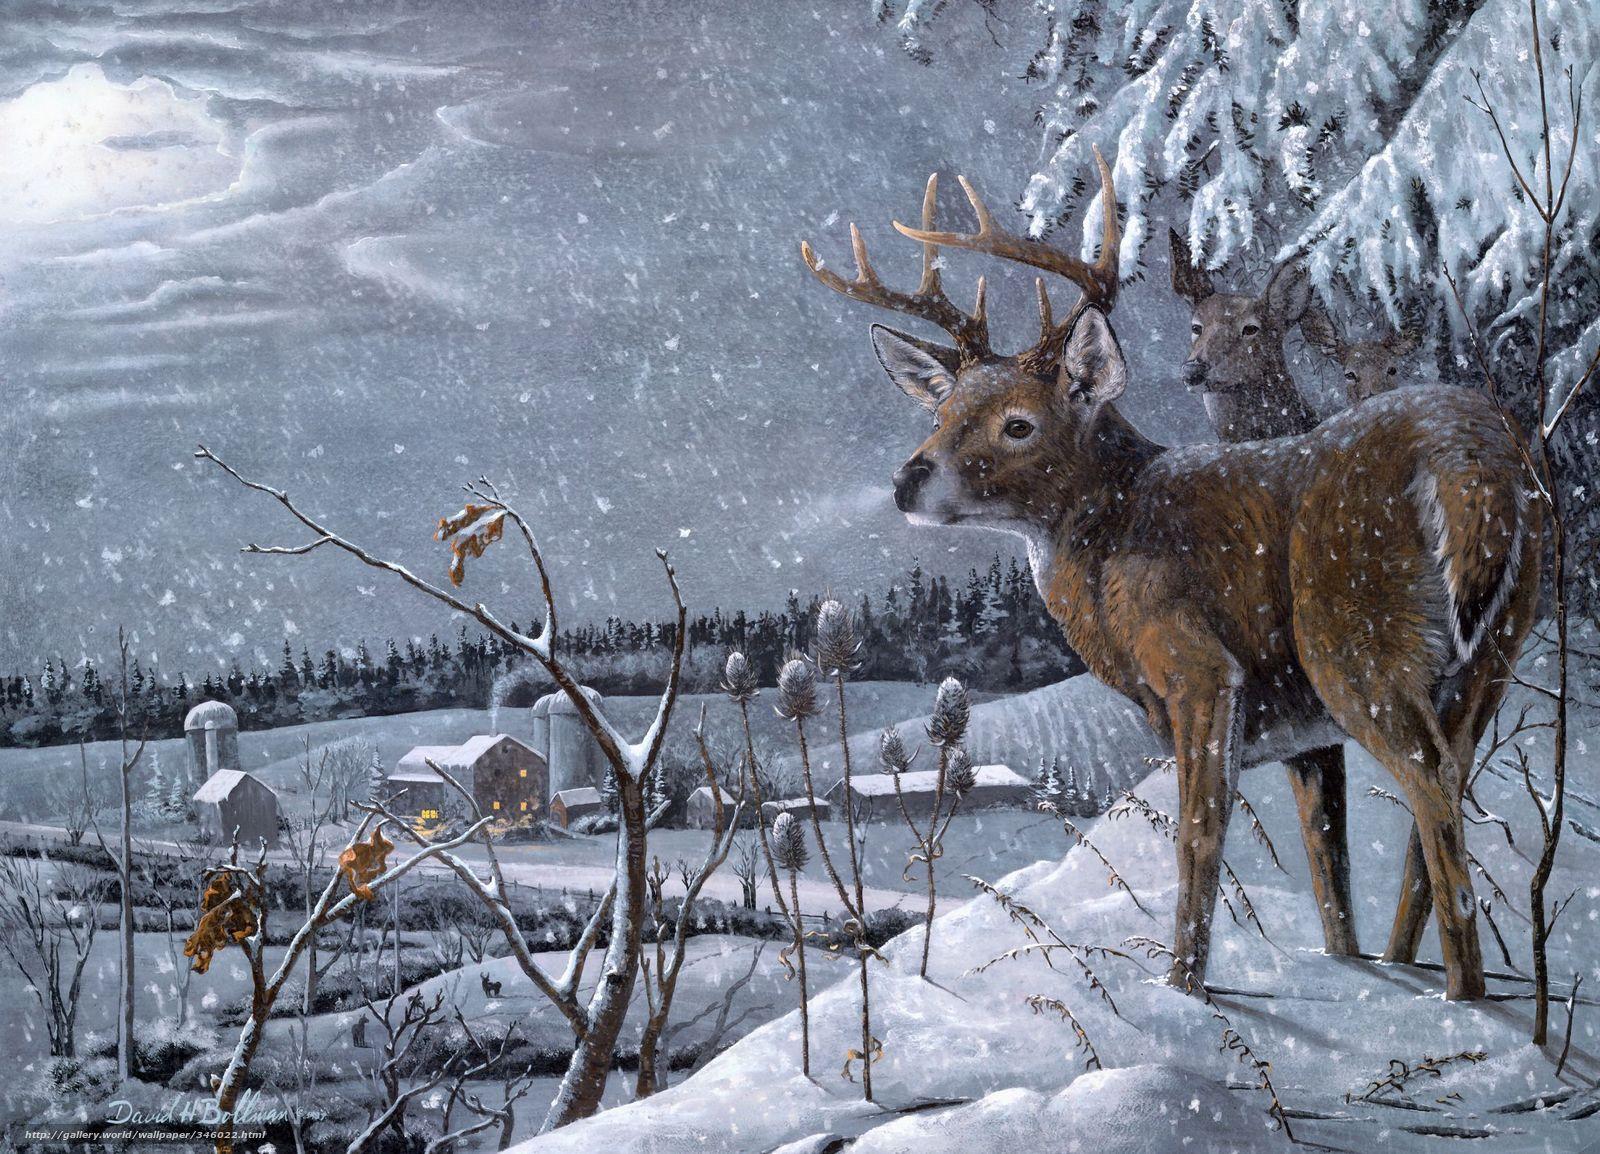 Winter Deer Wallpaper Images Pictures   Becuo 1600x1154